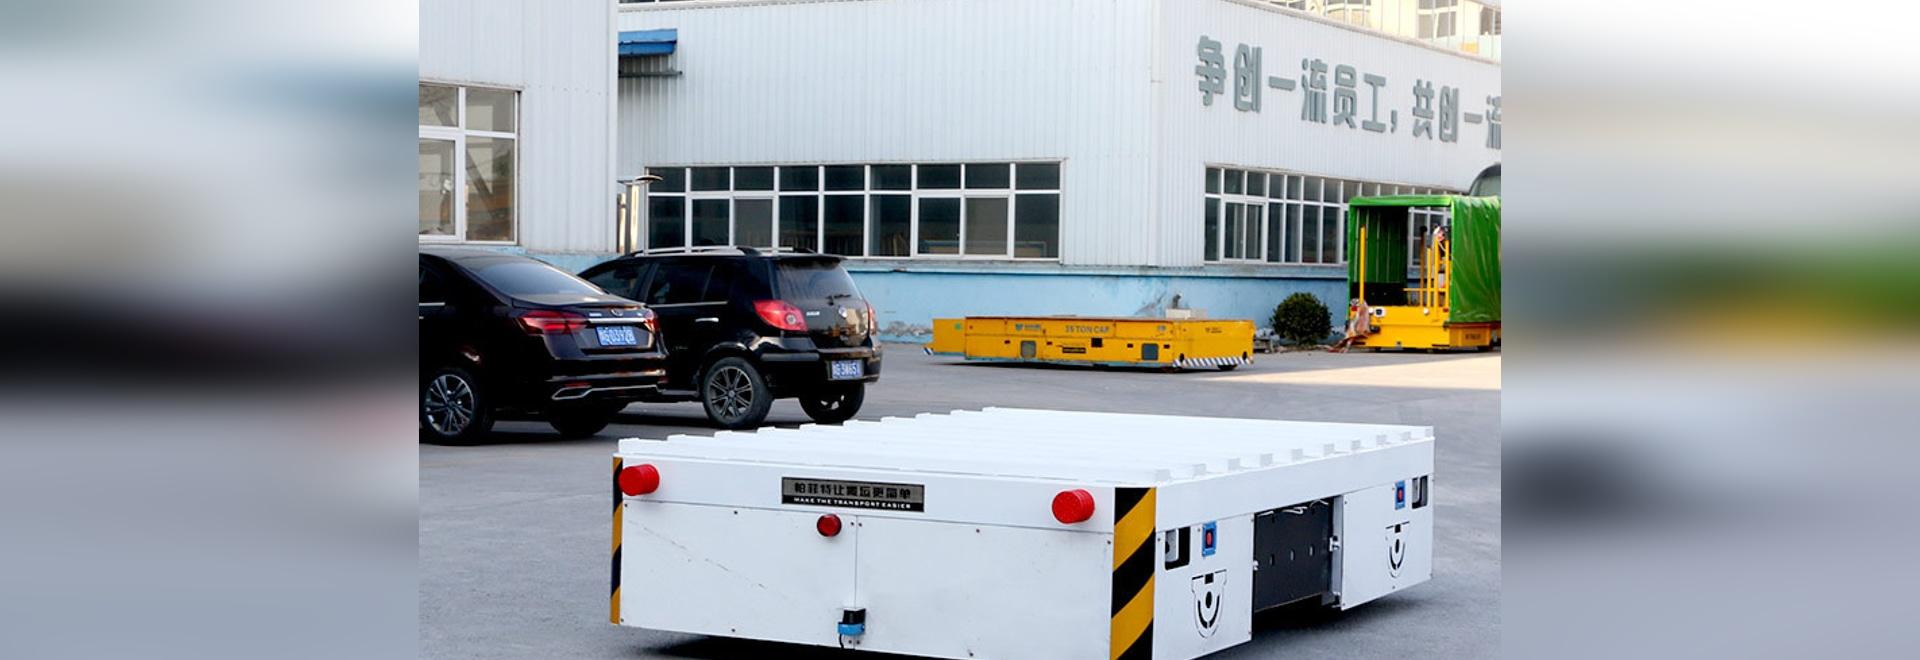 carro de transferencia automático guiado y orientable para cargas pesadas